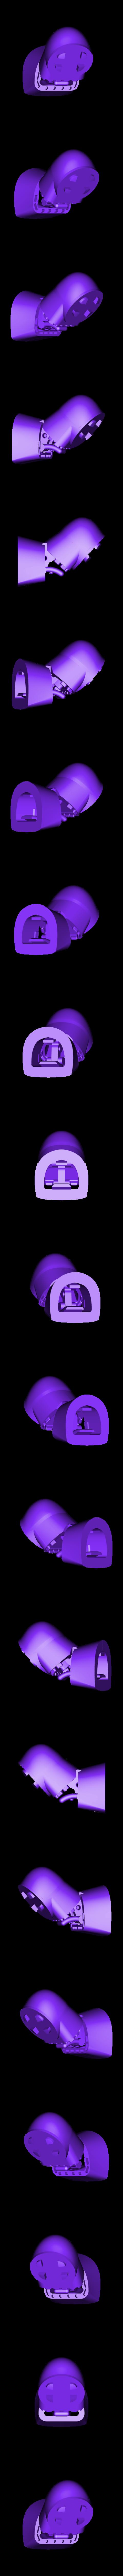 No_Face_Man_Head_5.stl Télécharger fichier STL gratuit Pas de visage homme (faux) • Design à imprimer en 3D, ROYLO